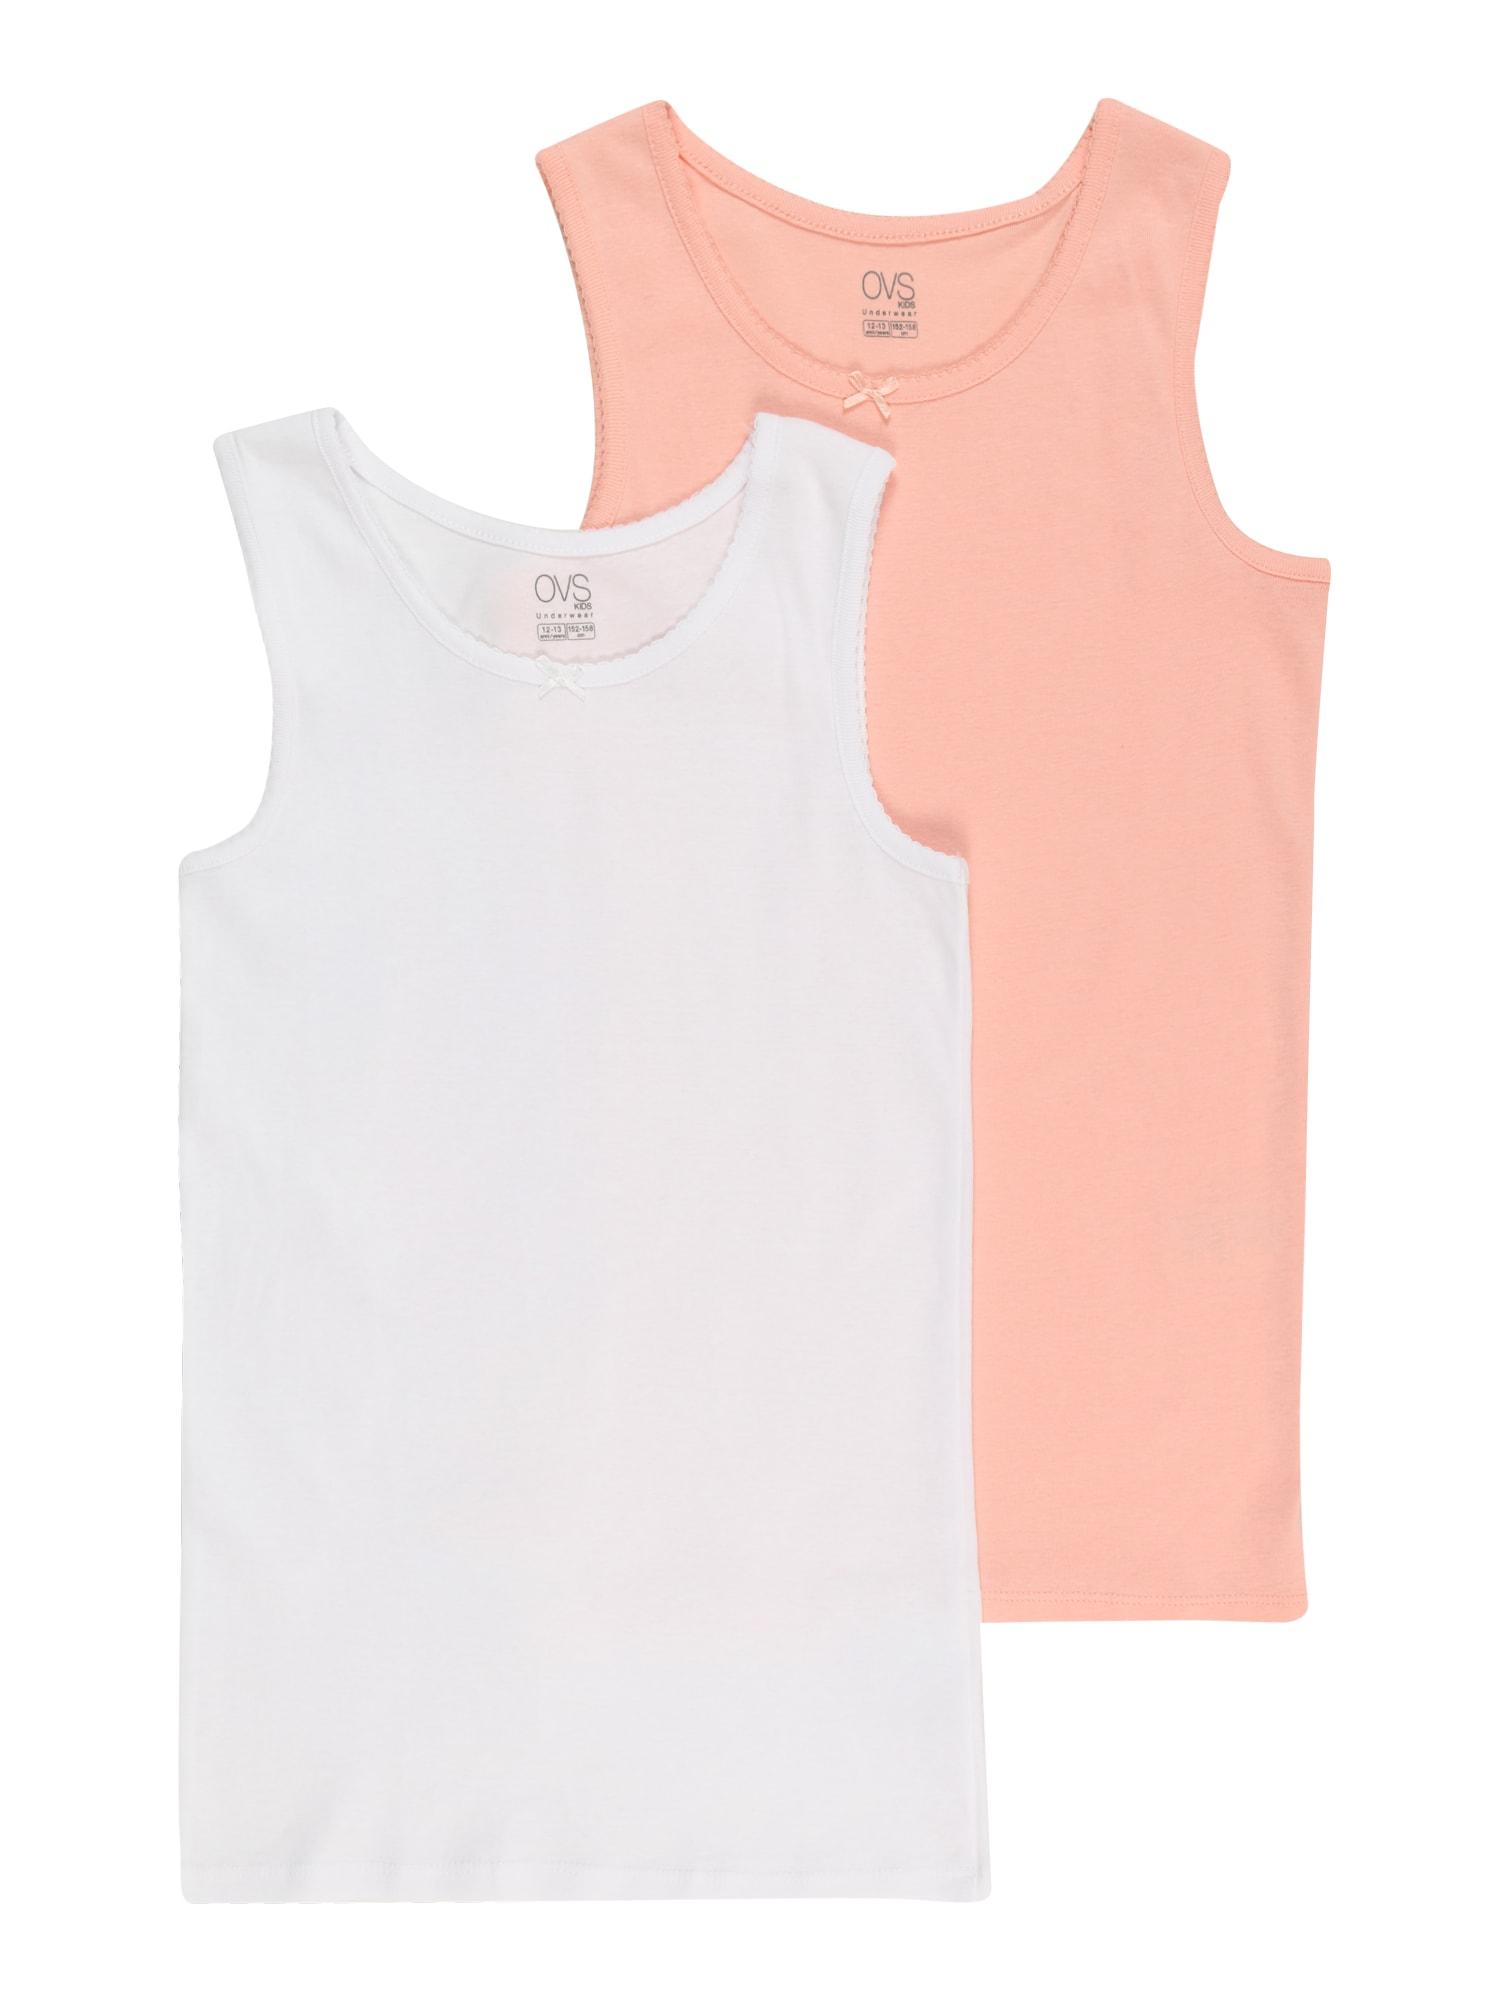 OVS Apatiniai marškinėliai balta / pastelinė oranžinė